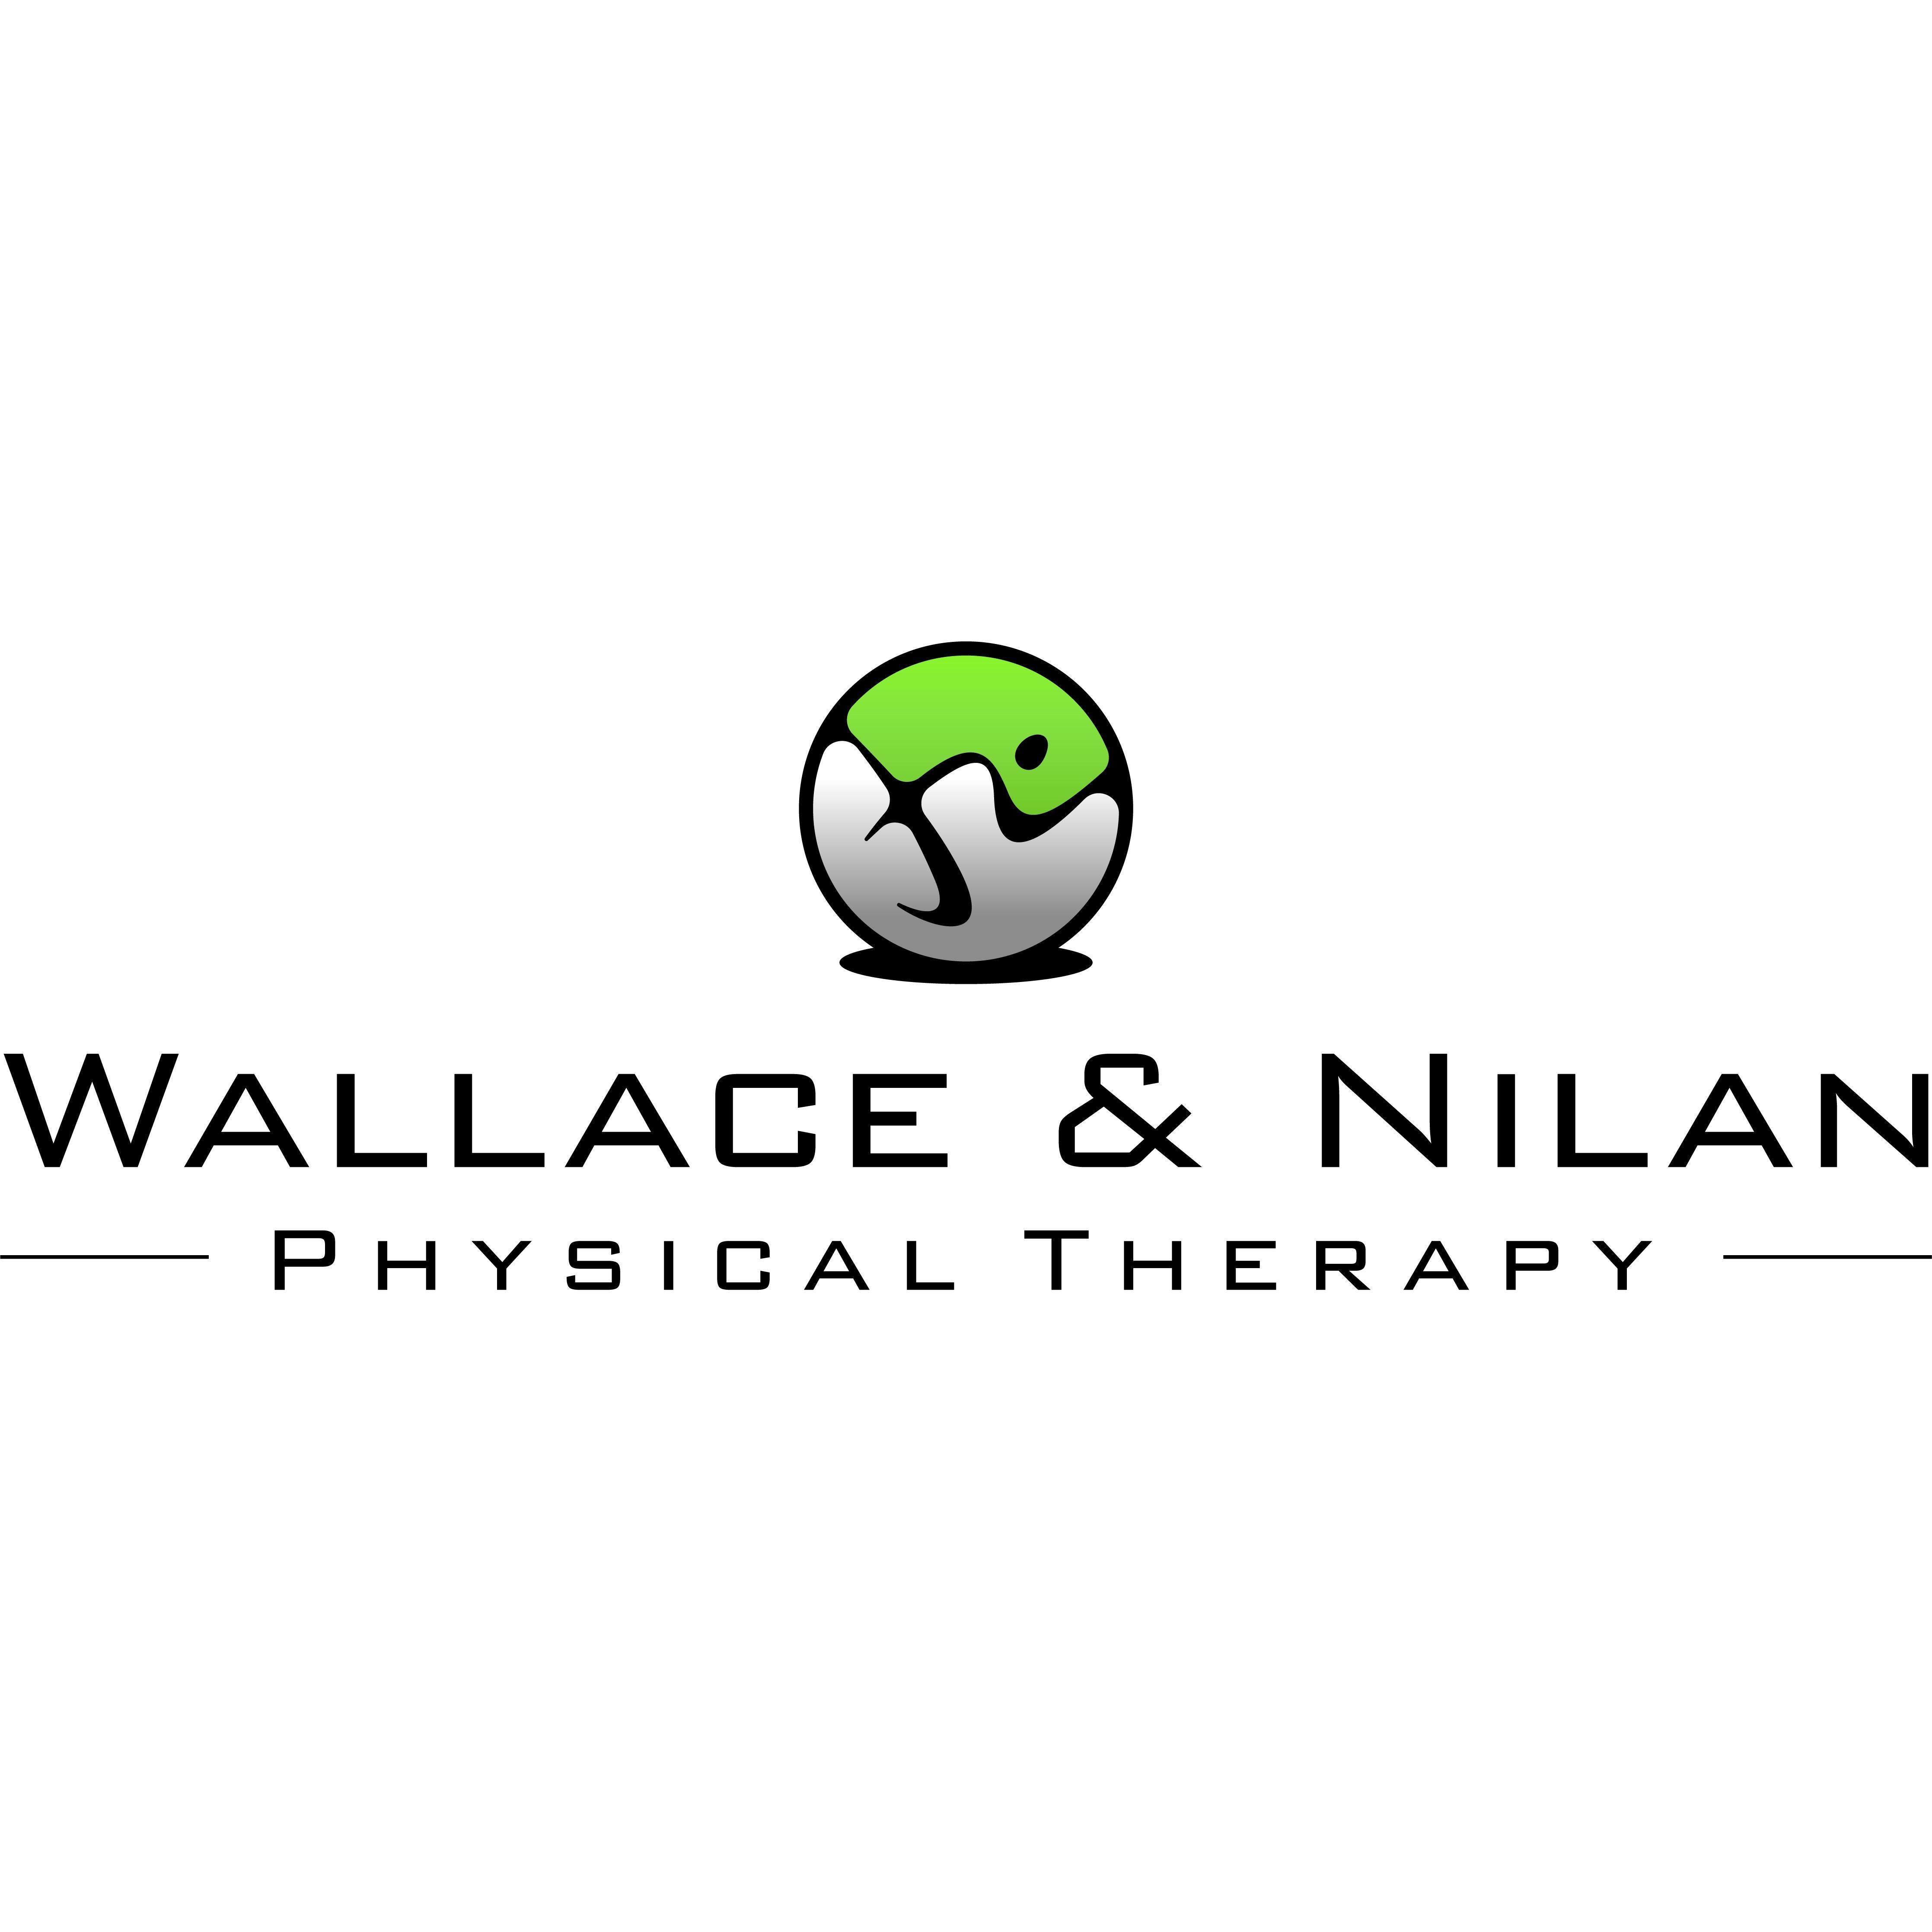 Wallace & Nilan